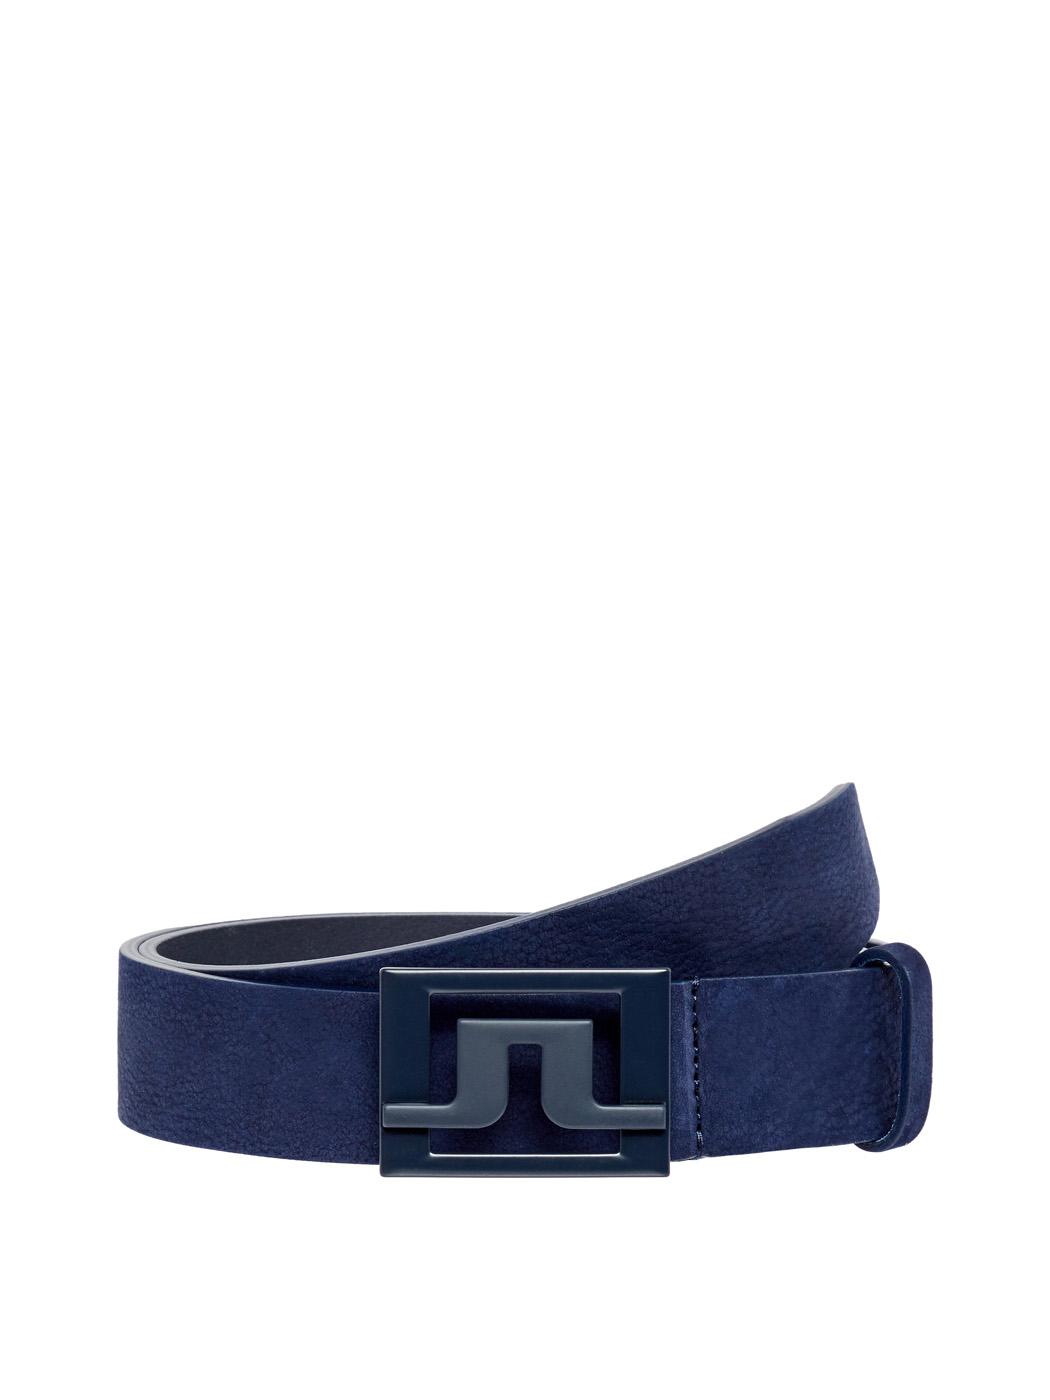 J.Lindeberg Mens Slater 40 Brushed Leather Belt